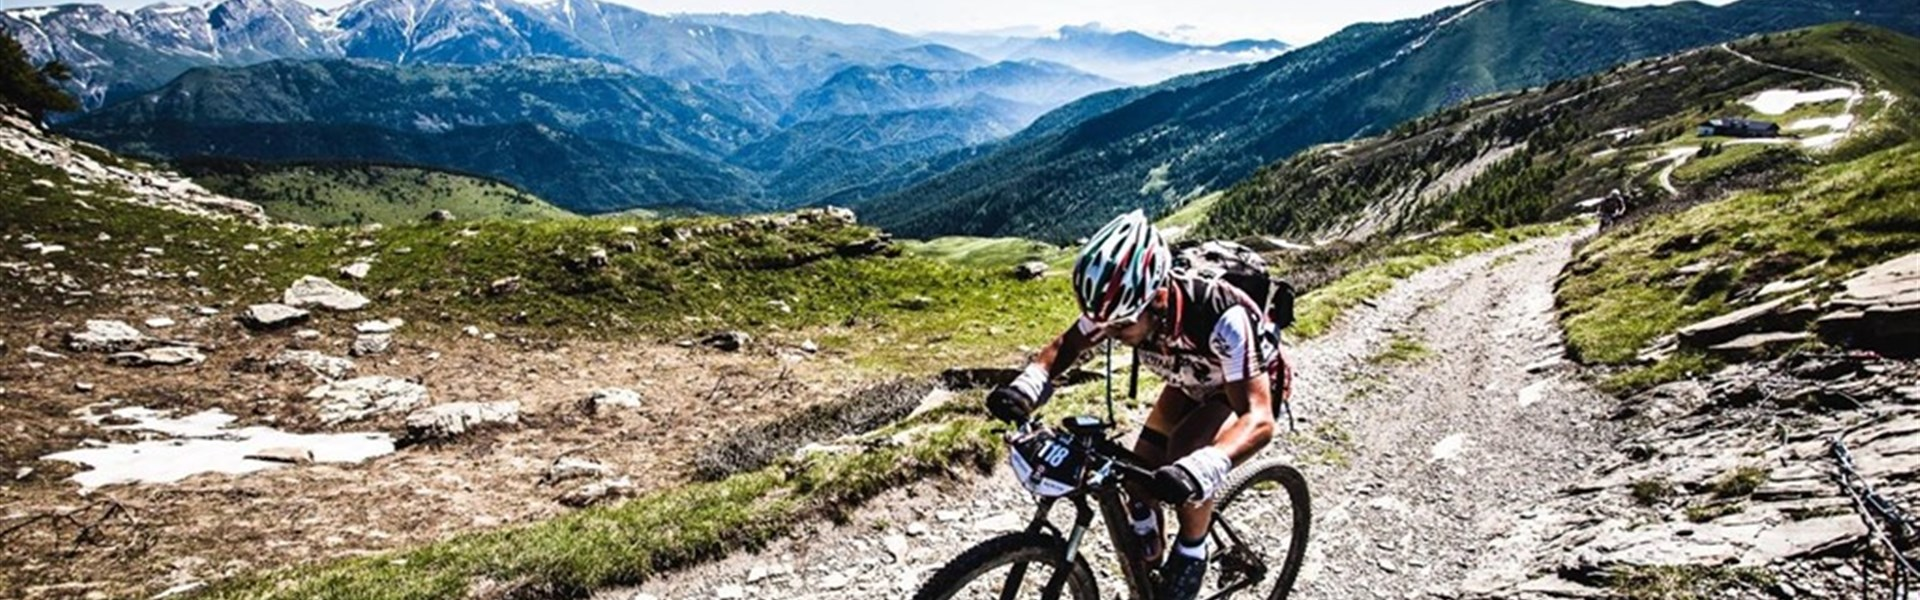 Víc než jen závod - Alta via stage race -